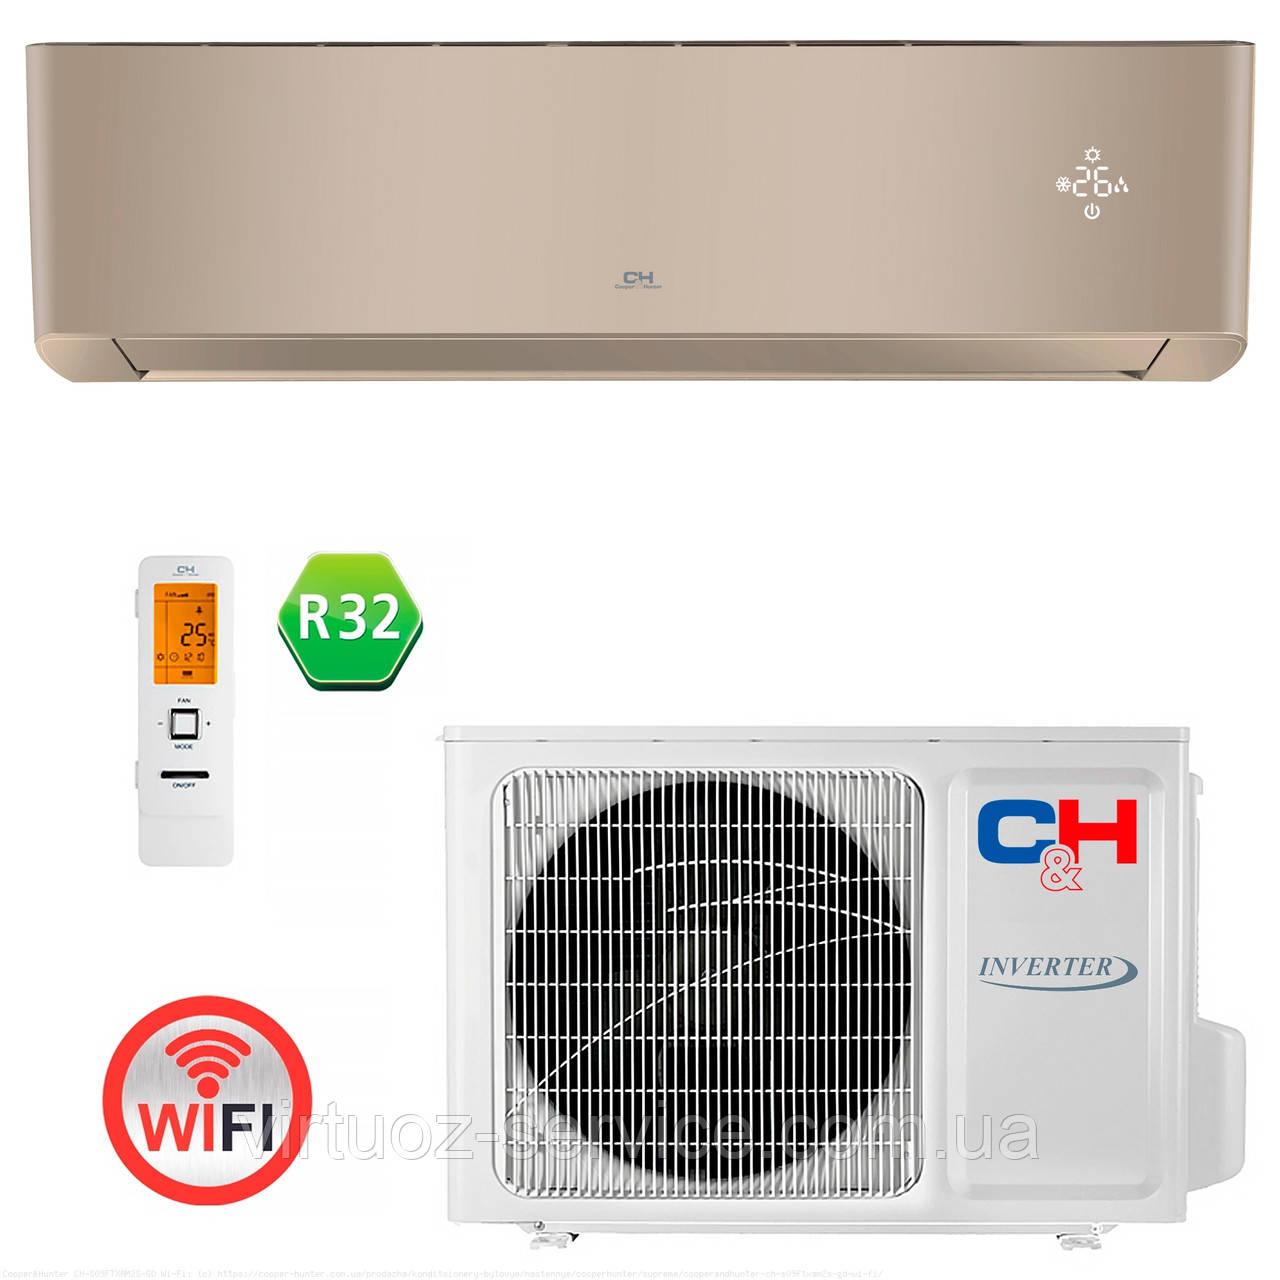 Инверторный кондиционер Cooper&Hunter CH-S12FTXAM2S-GD Wi-Fi